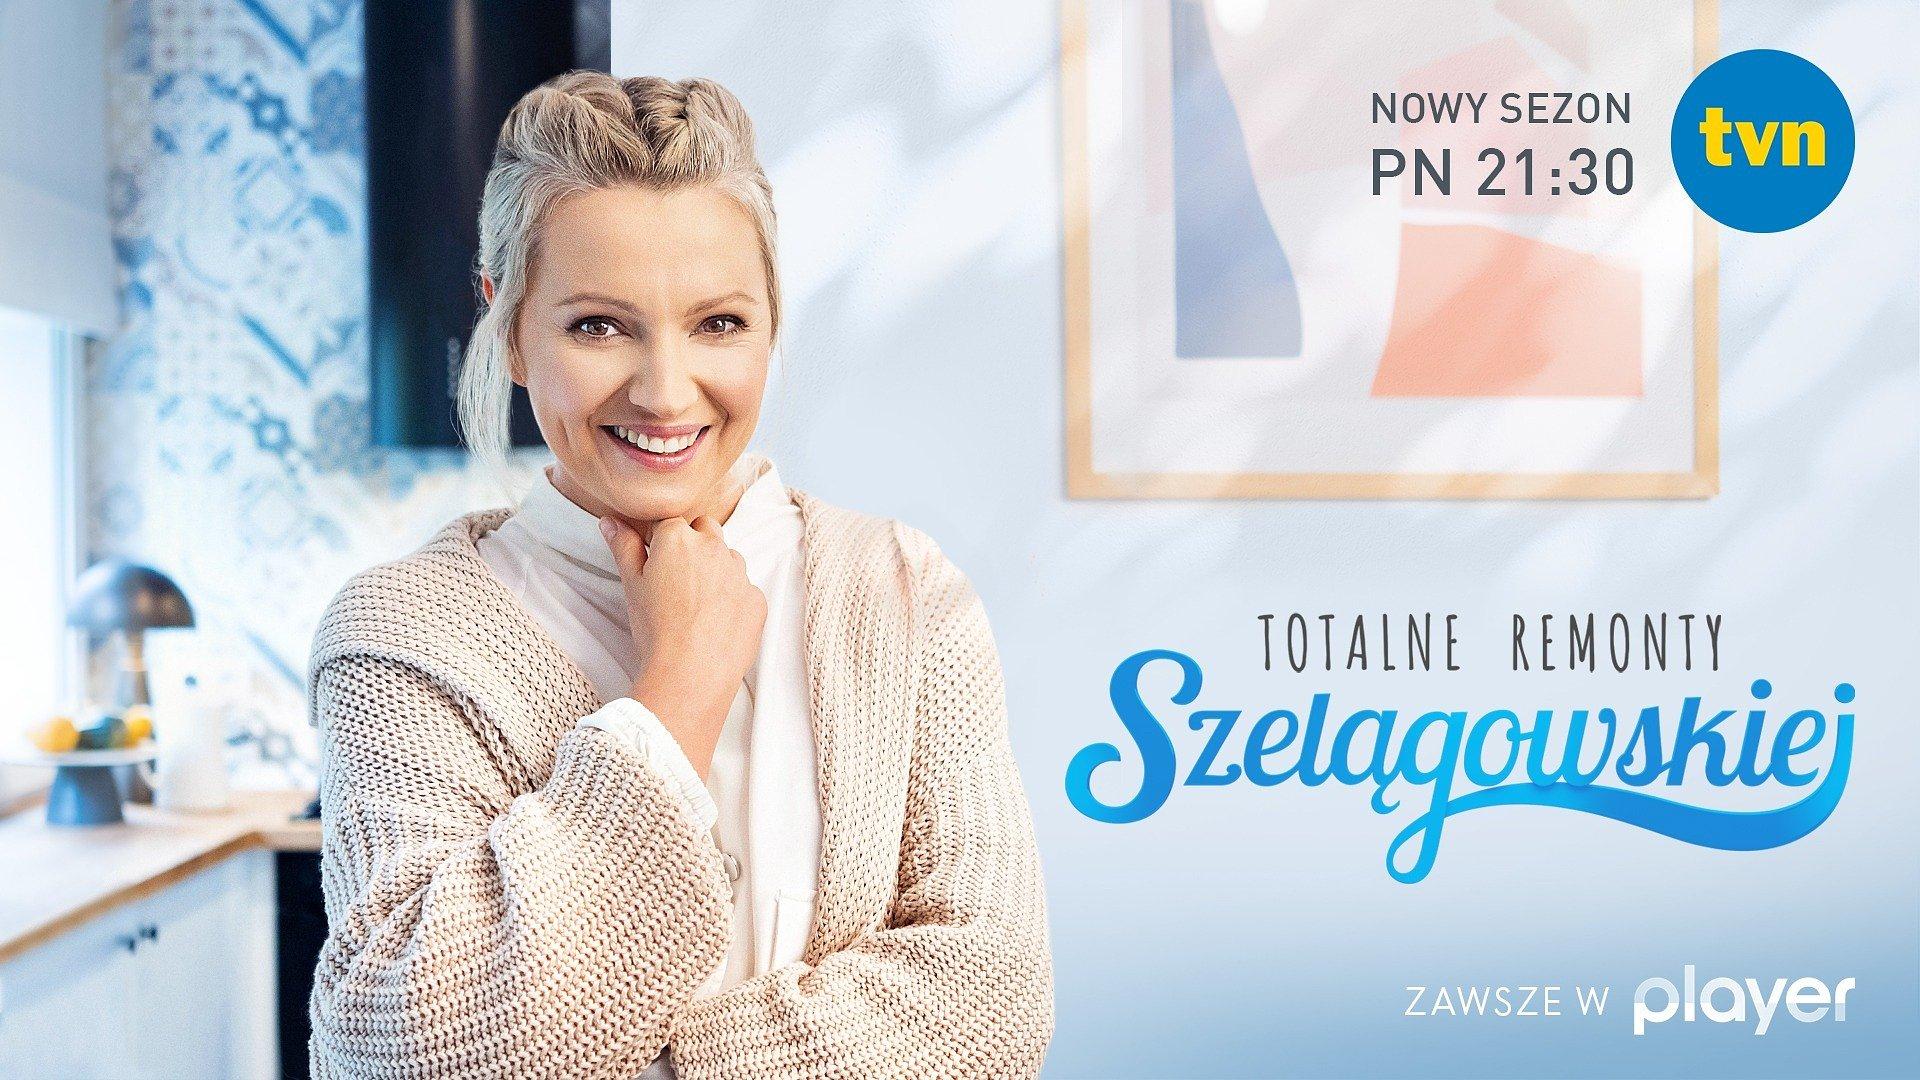 Już po raz trzeci Totalne remonty Szelągowskiej i Castorama zmienią życie Polaków na lepsze